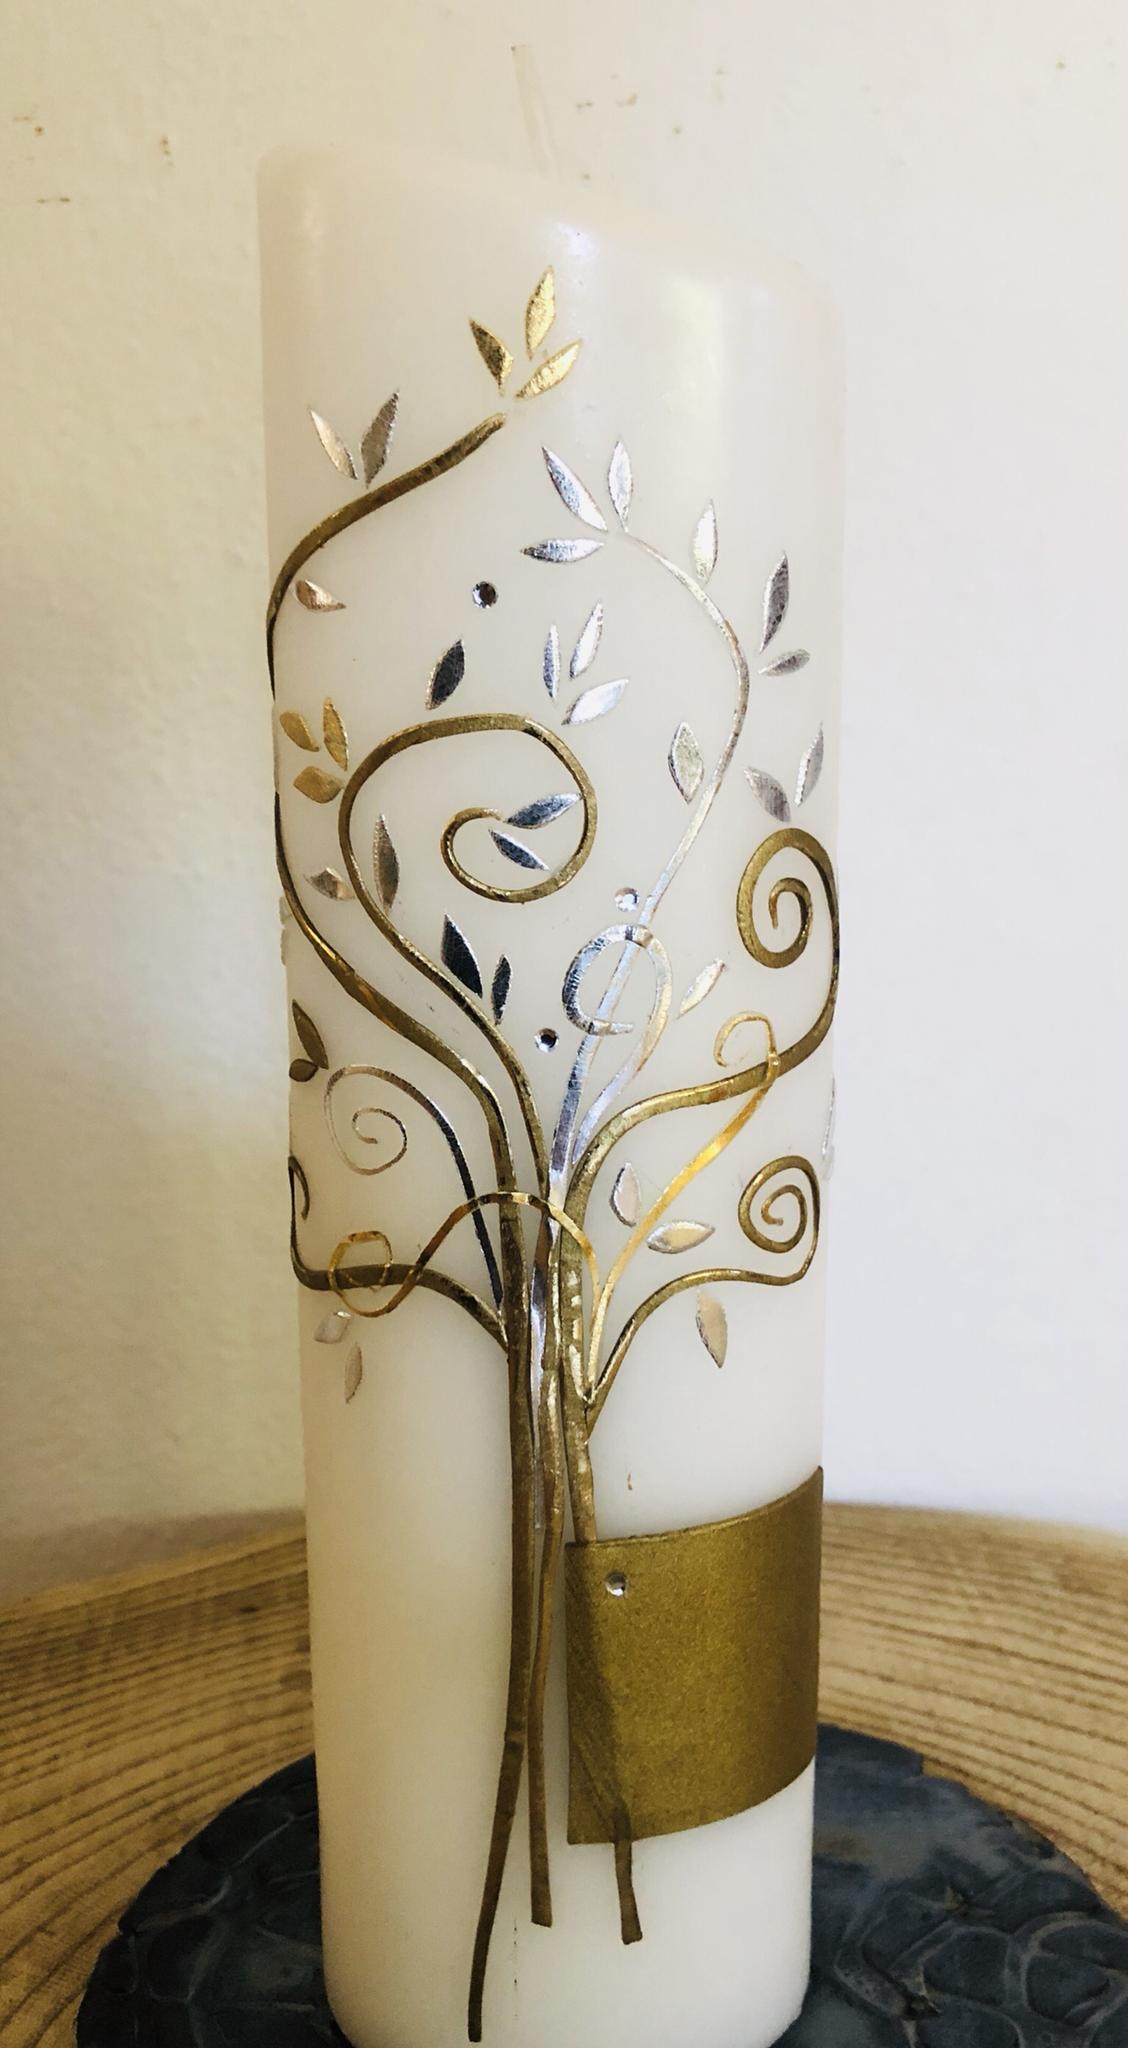 Kerze weiß, getaucht, oval, oben abgeschrägt, Lebensbaum gold/silber mit Perlen und Swarovskikristallen, Wachsplatte gold - gravierfähig 25026